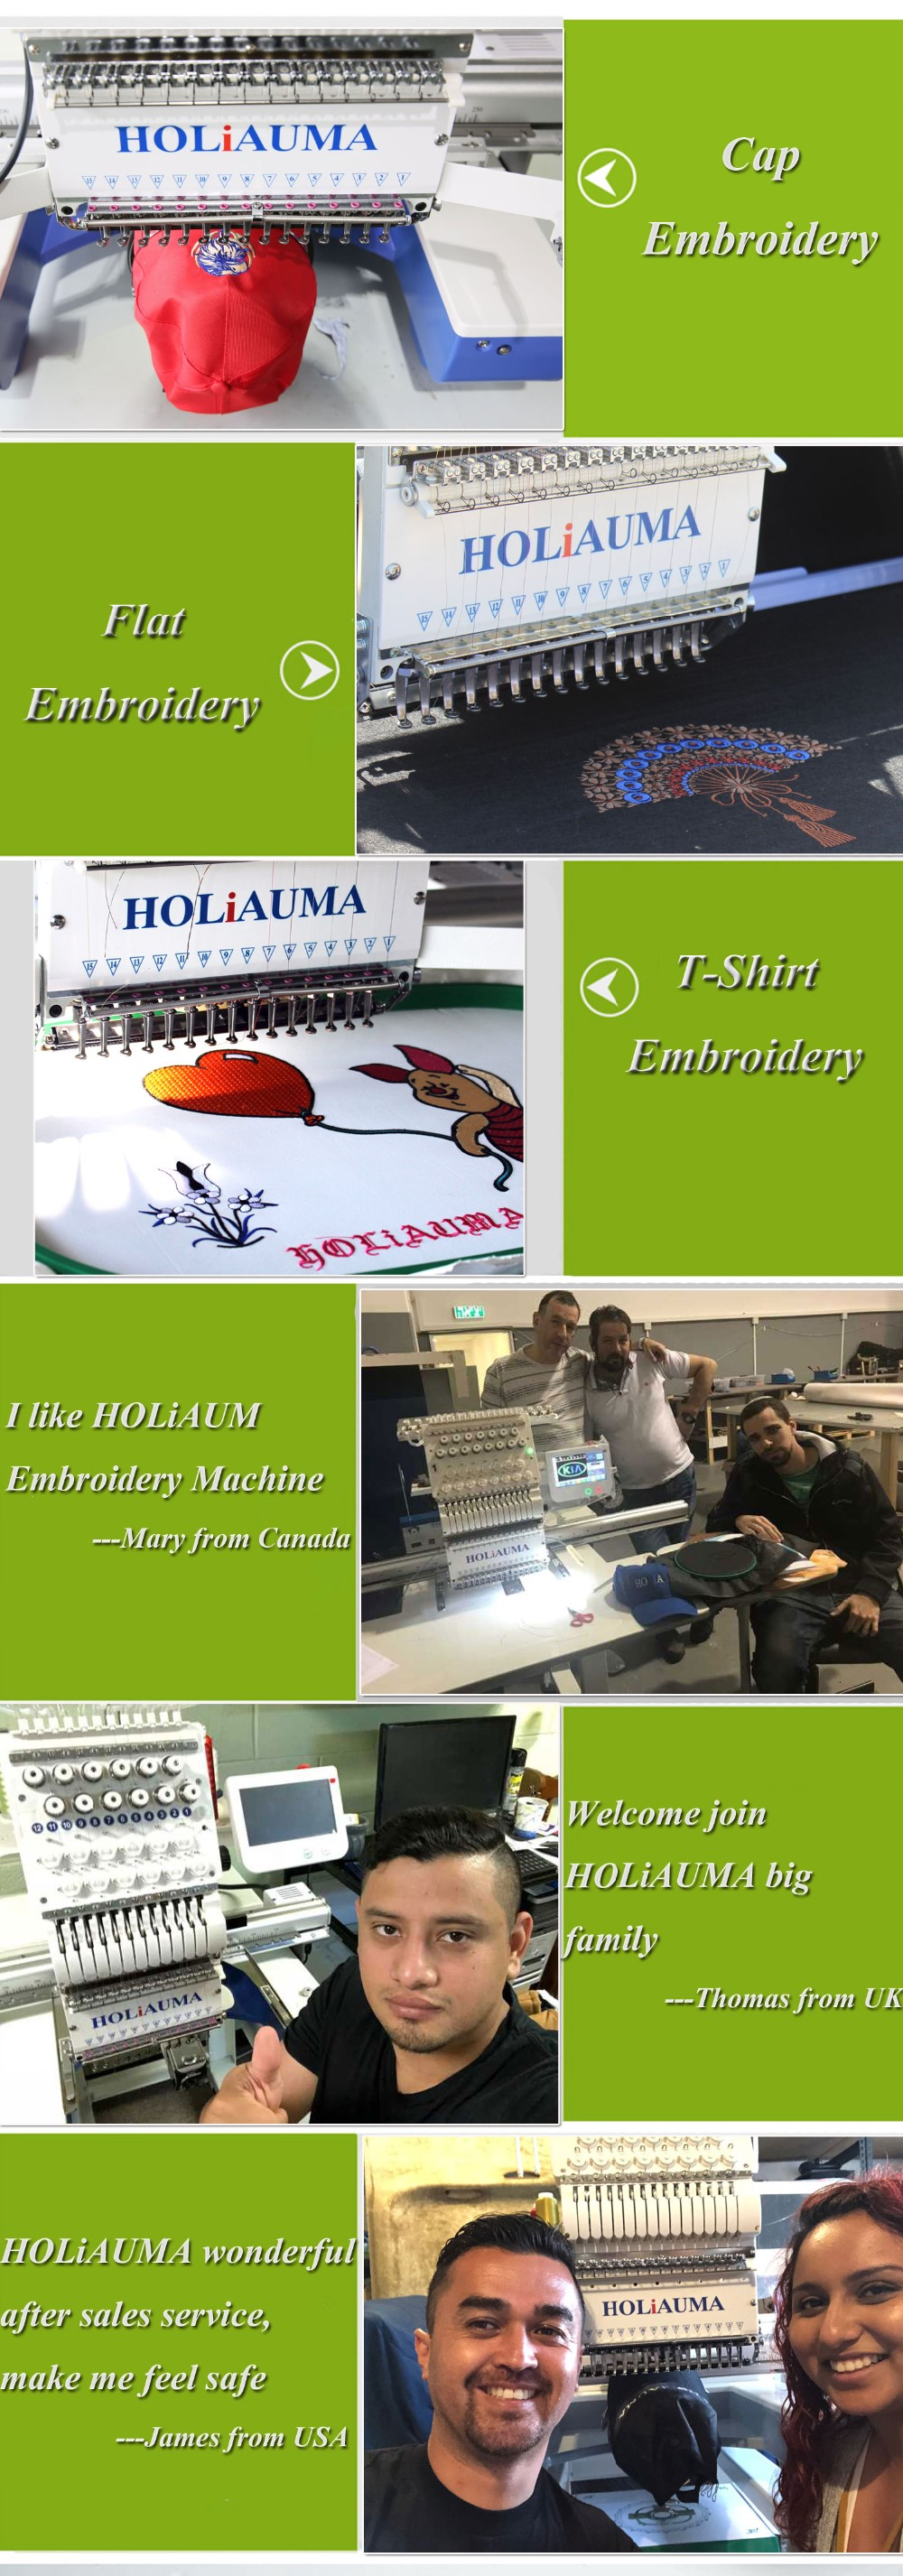 Tajima प्रकार कढ़ाई मशीन 15 रंग एकल सिर इस्तेमाल किया कढ़ाई मशीन टोपी/टीशर्ट/फ्लैट/फीता कंप्यूटर कढ़ाई मशीन